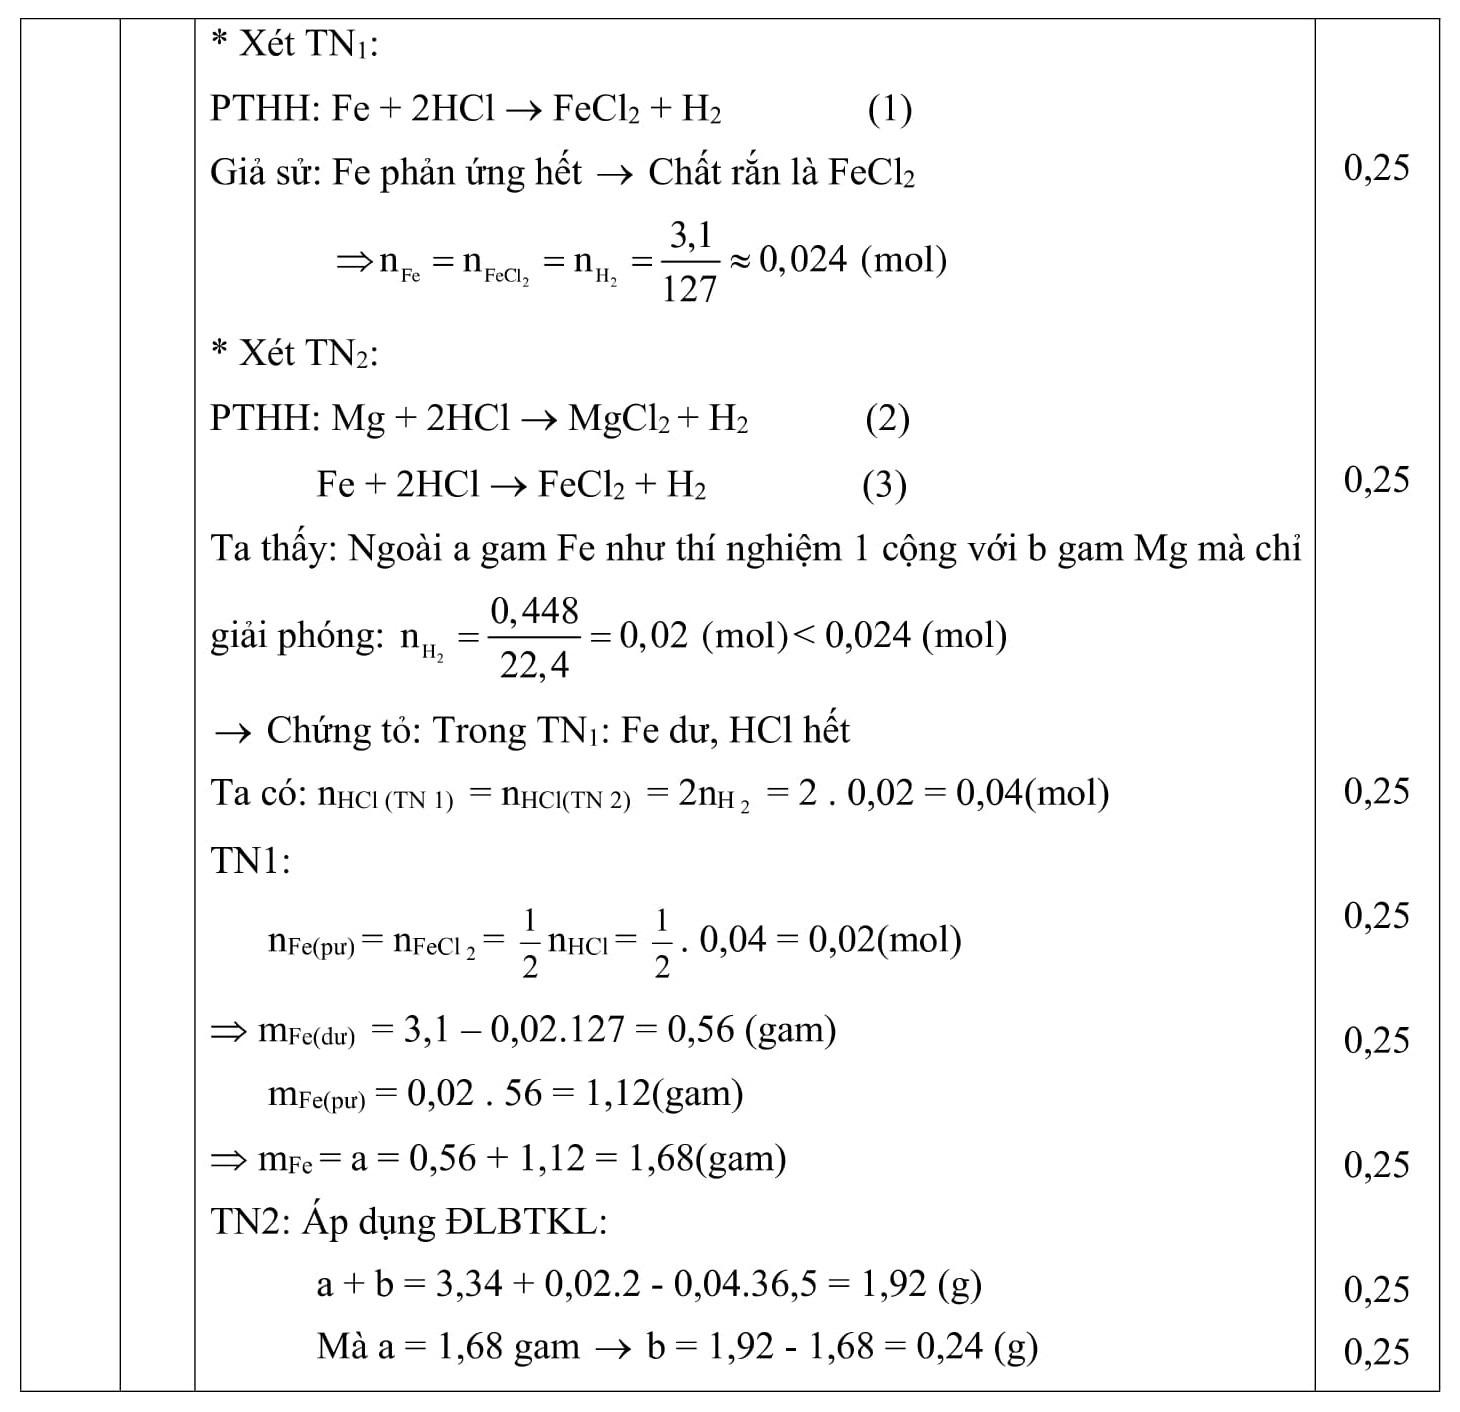 Đáp án và đề thi HSG Hóa Học 9 phòng GD&ĐT Bùi Đăng 2014-2015